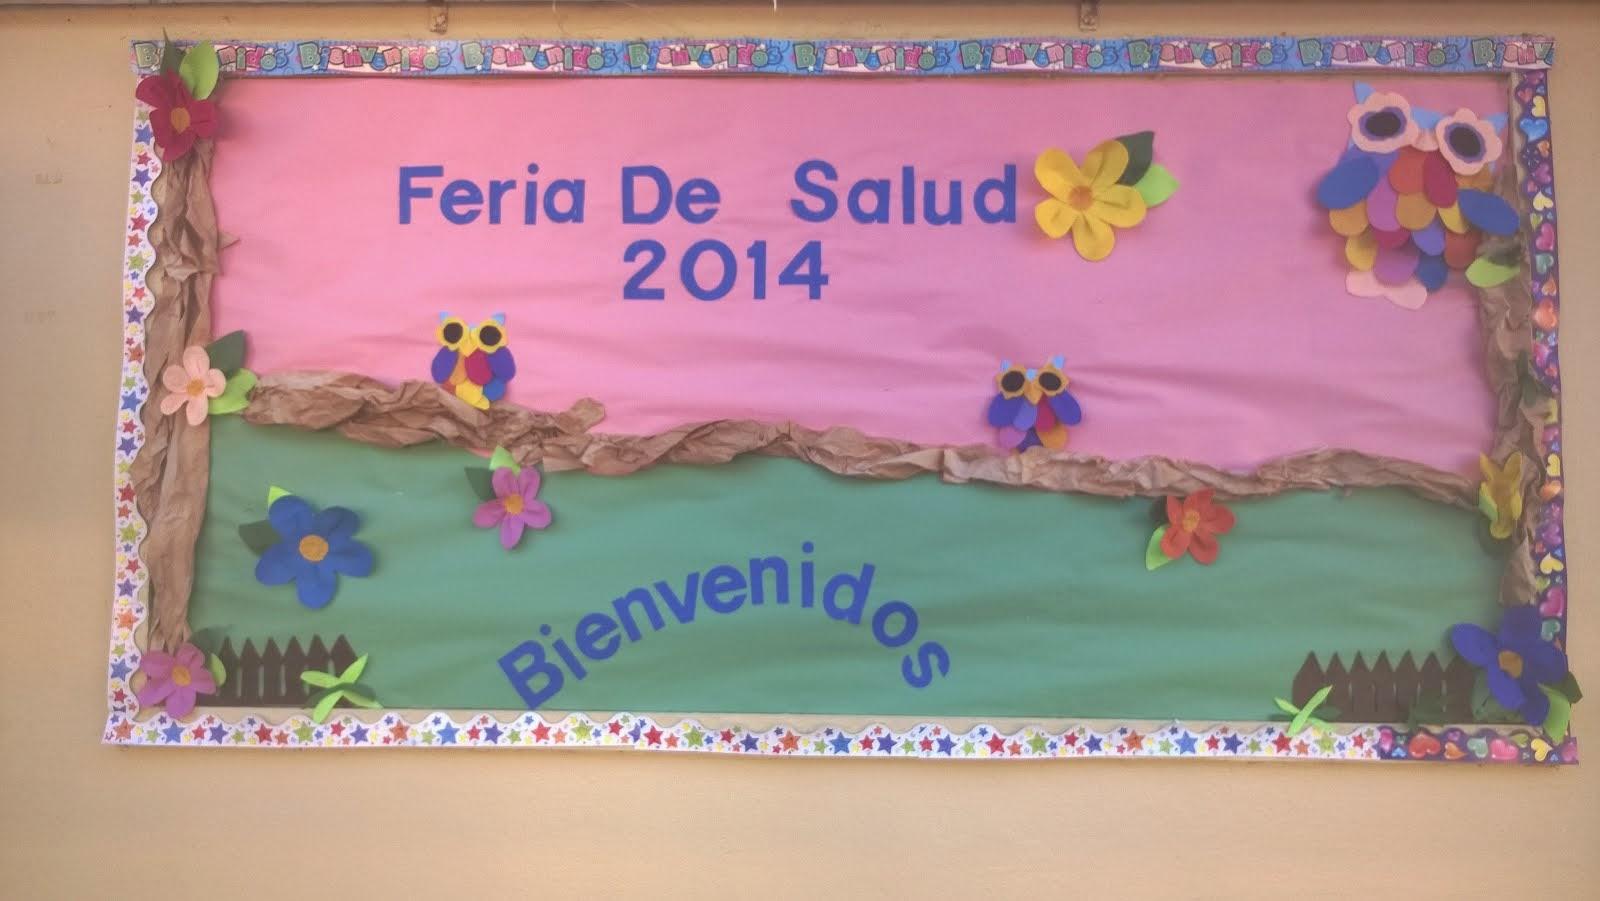 FERIA DE SALUD 2014